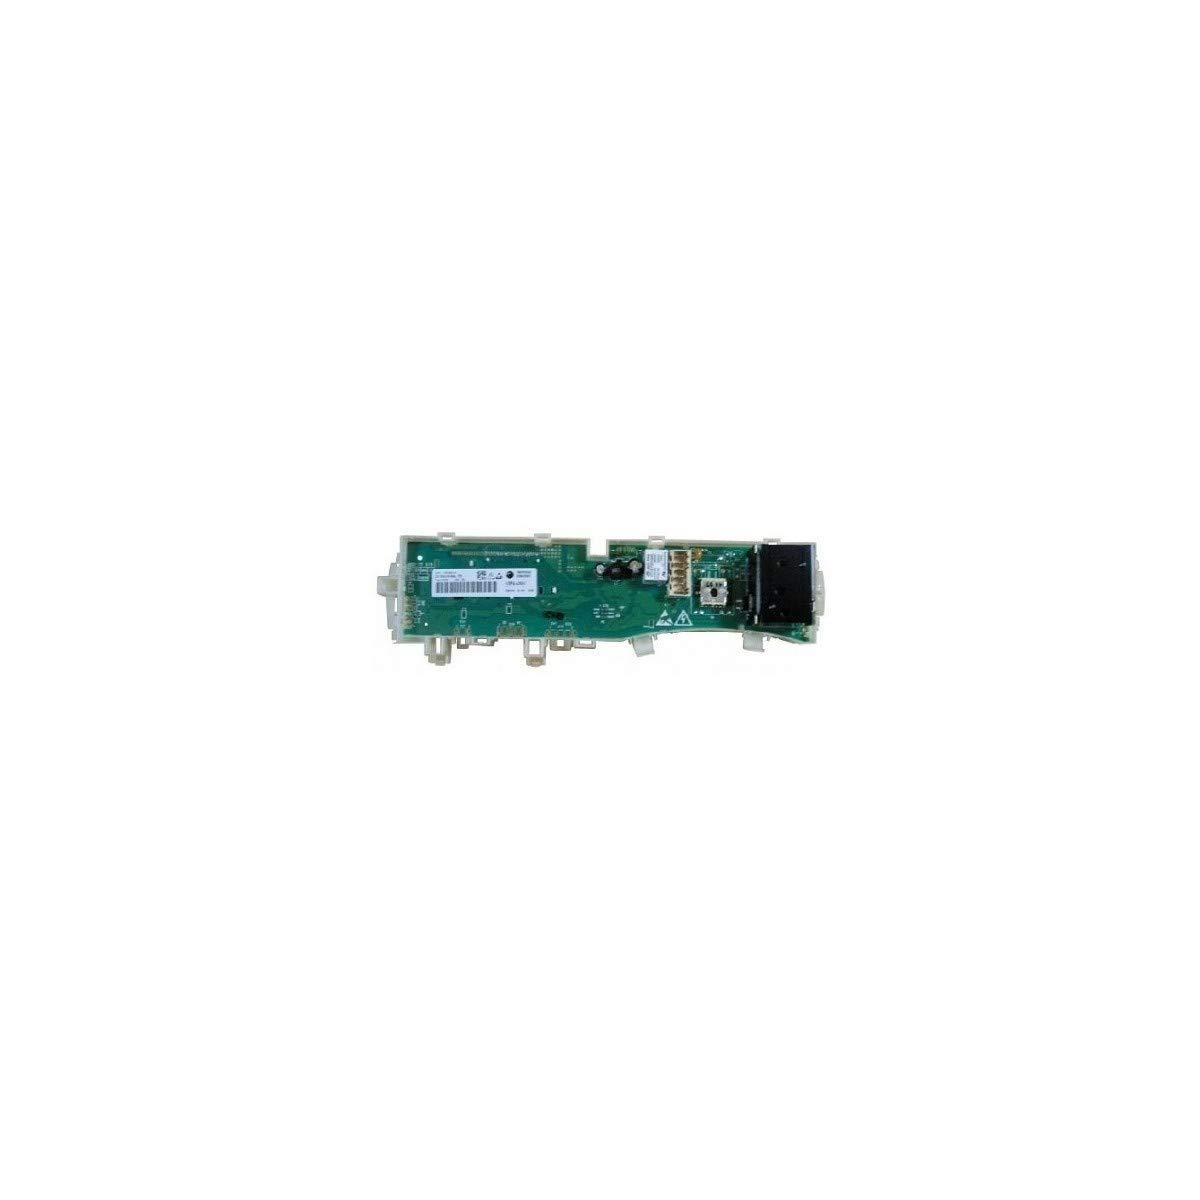 Modulo electronico Lavadora Fagor F2810 LB6W240A0-AS0015081: Amazon.es